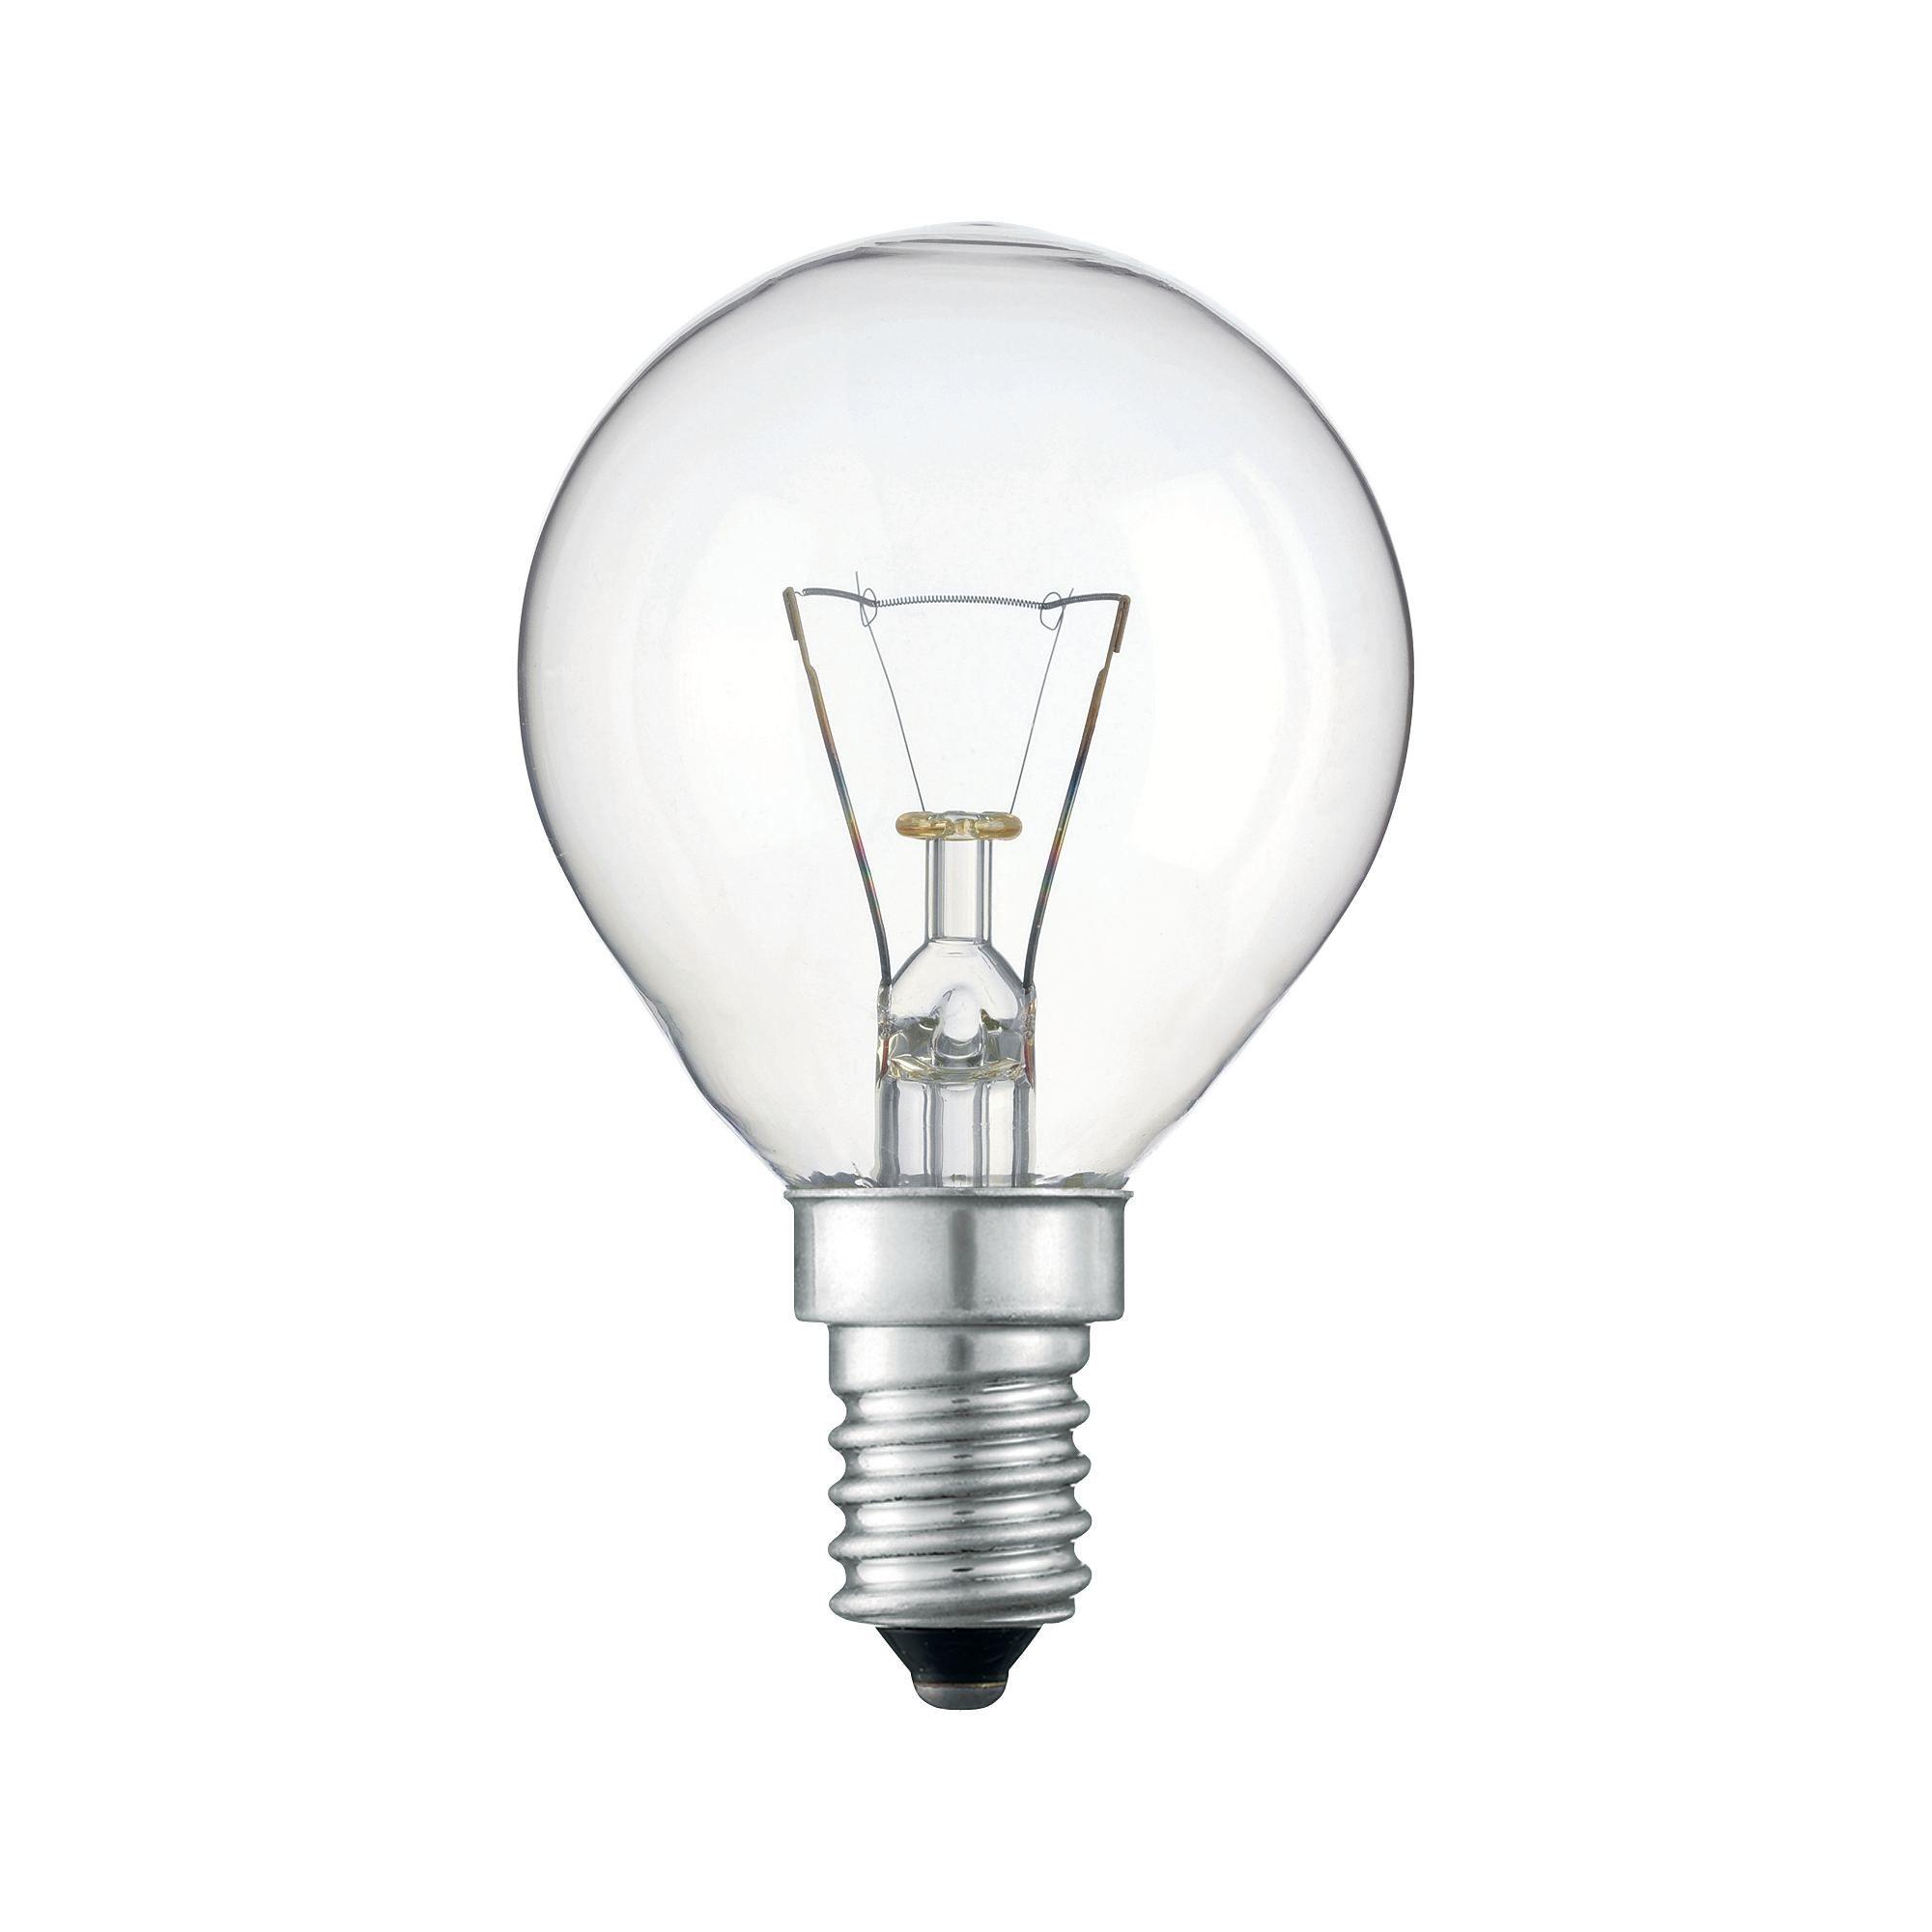 Купить Лампа накаливания Philips Stan 25W E14 230V P45 CL 1CT/10X10F прозрачная